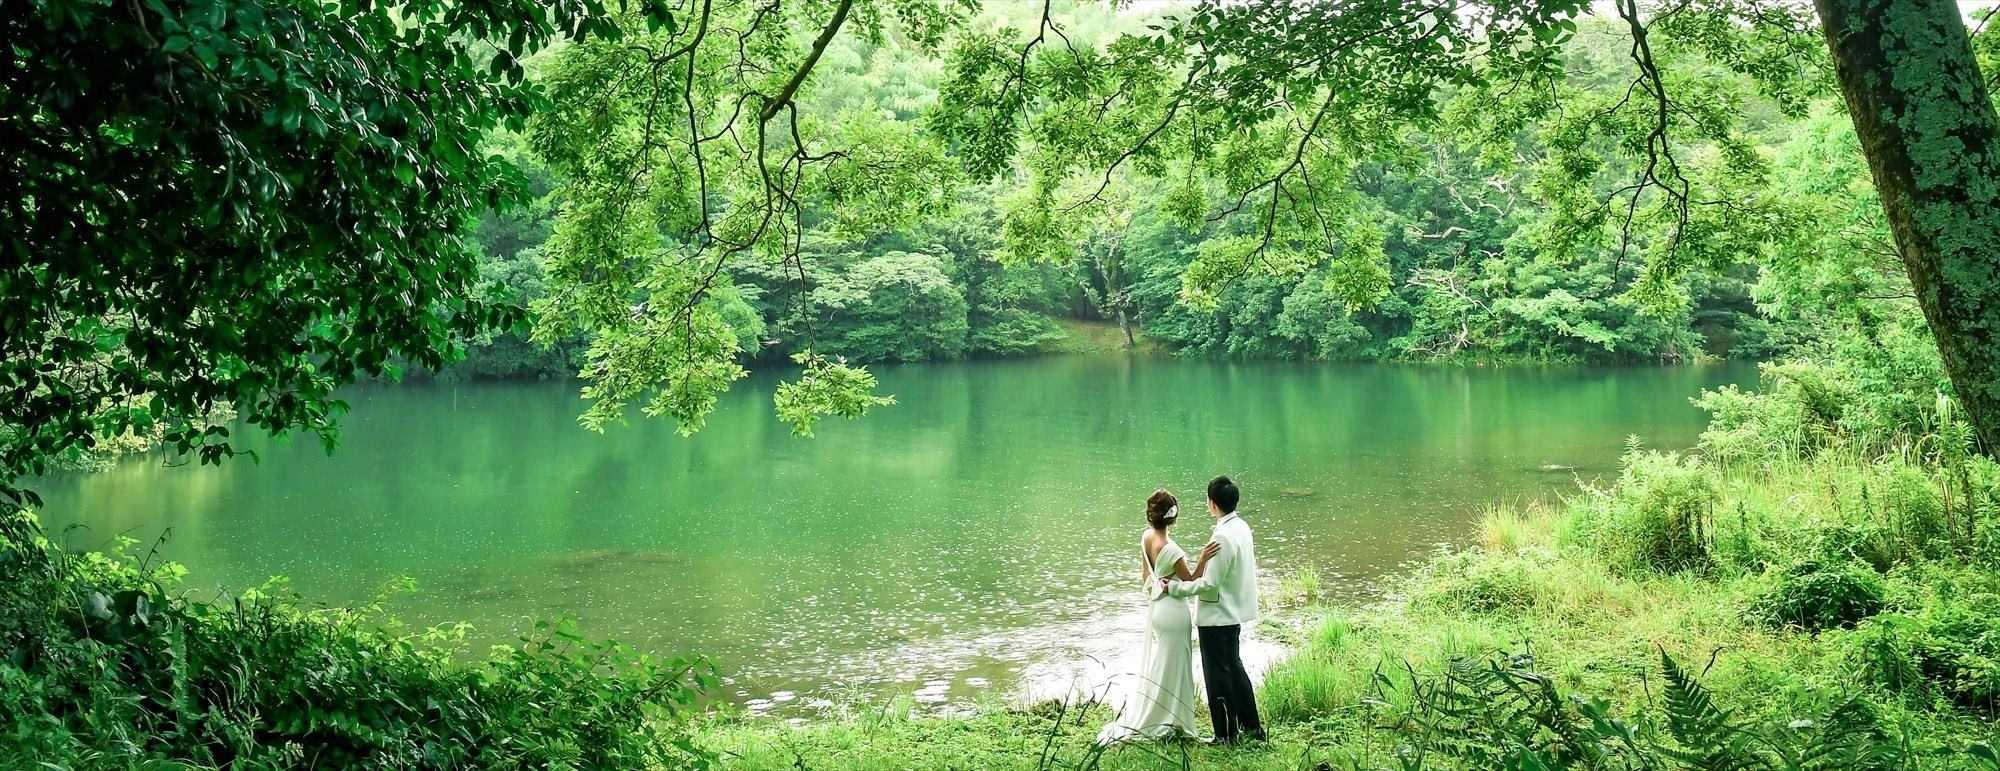 伊豆ロケーションフォト Izu Lake Ippeki location Photo Wedding 伊豆・一碧湖 フォトウェディング